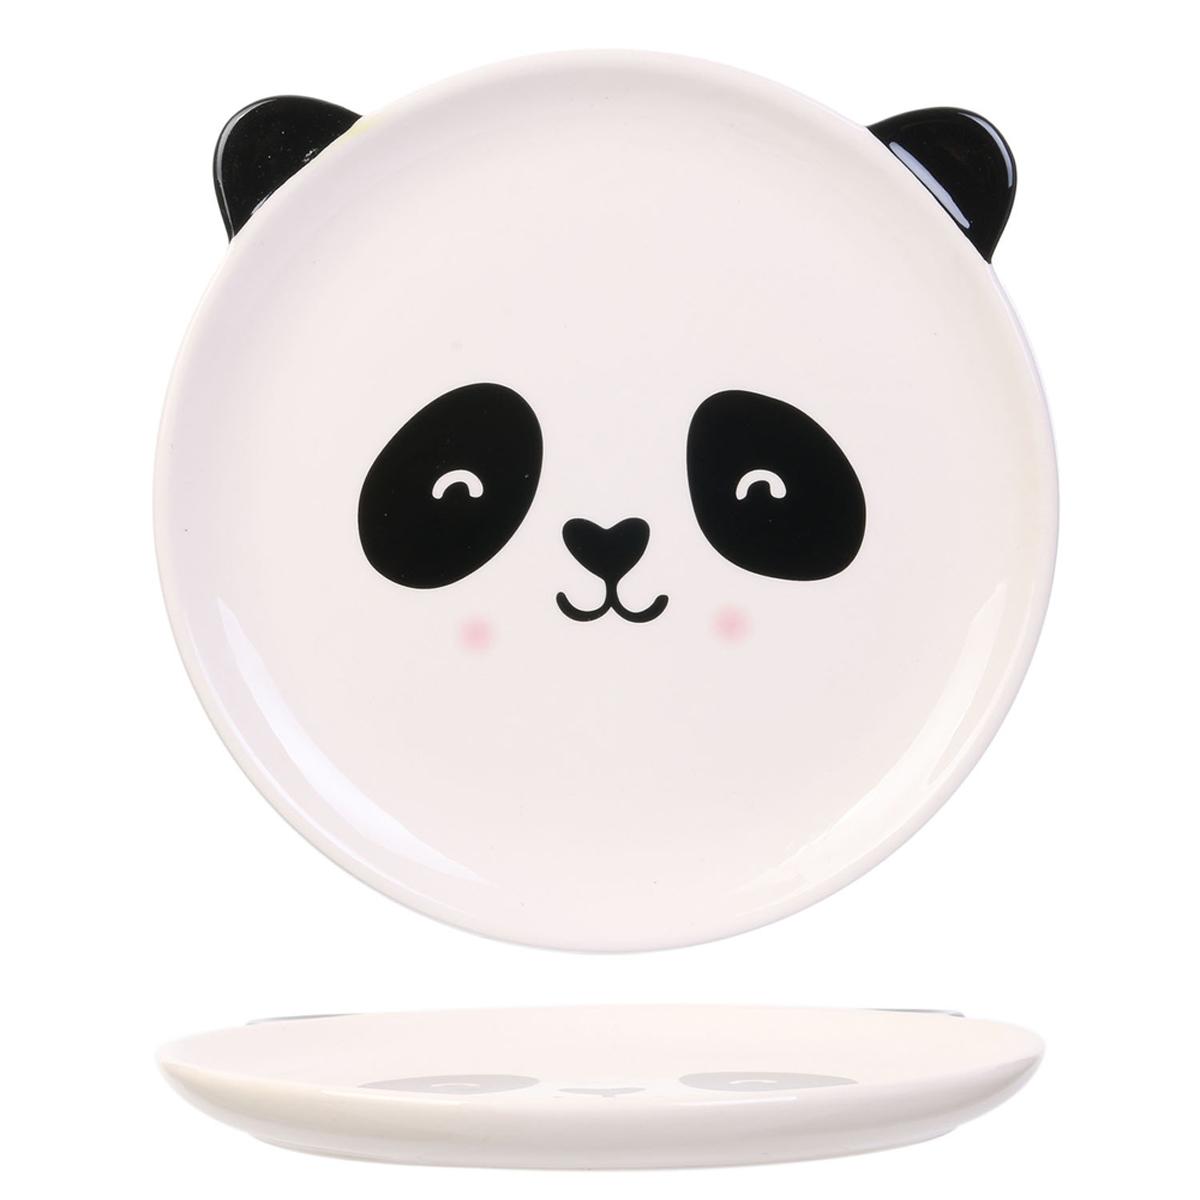 Assiette céramique \'Animaux\' blanc noir (panda) - 20 cm - [A1702]